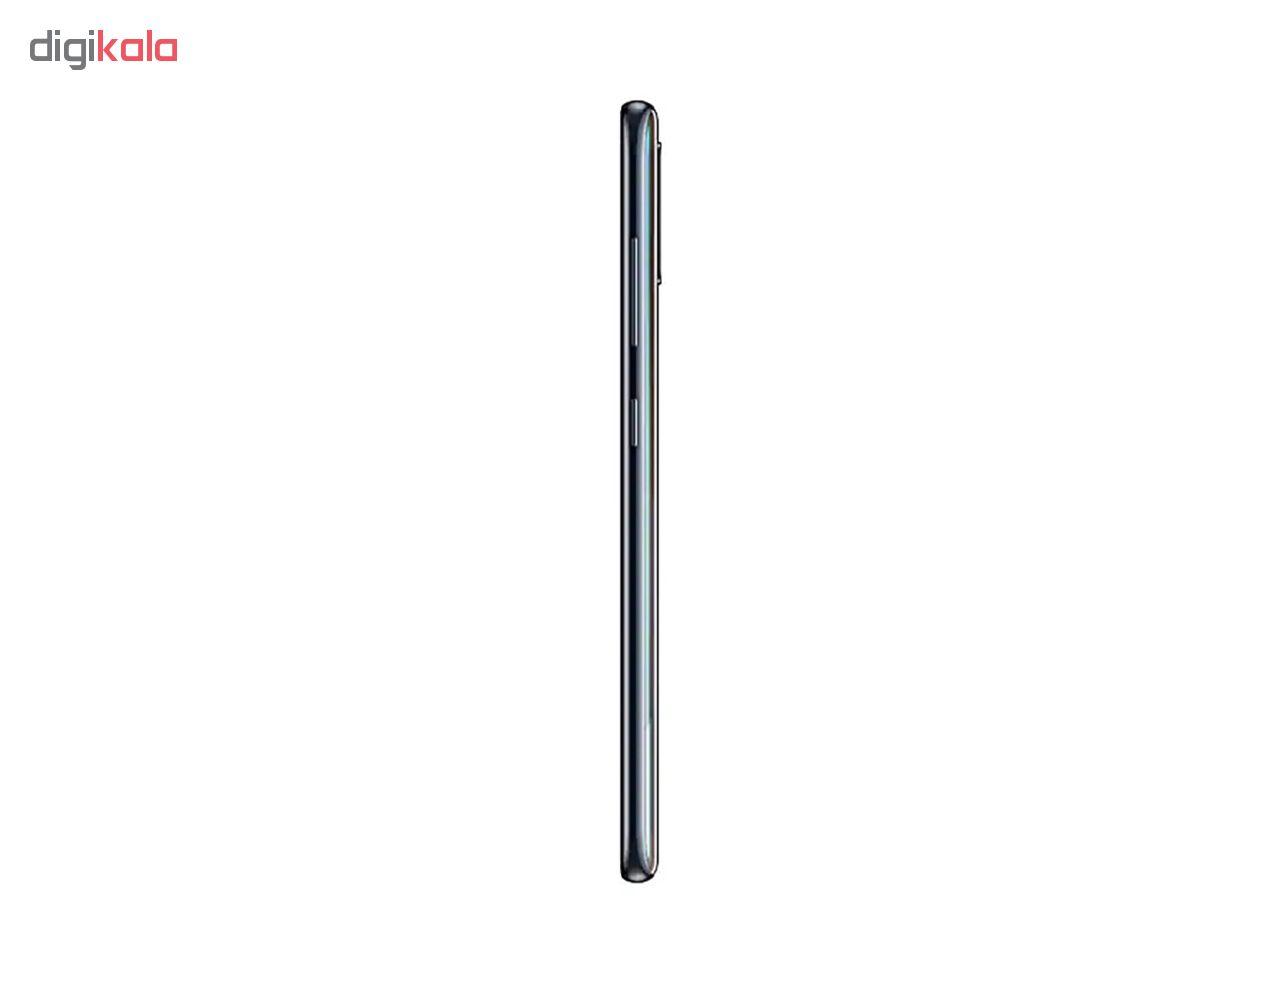 گوشی موبایل سامسونگ مدل Galaxy A51 SM-A515F/DSN دو سیم کارت ظرفیت 128گیگابایت main 1 17